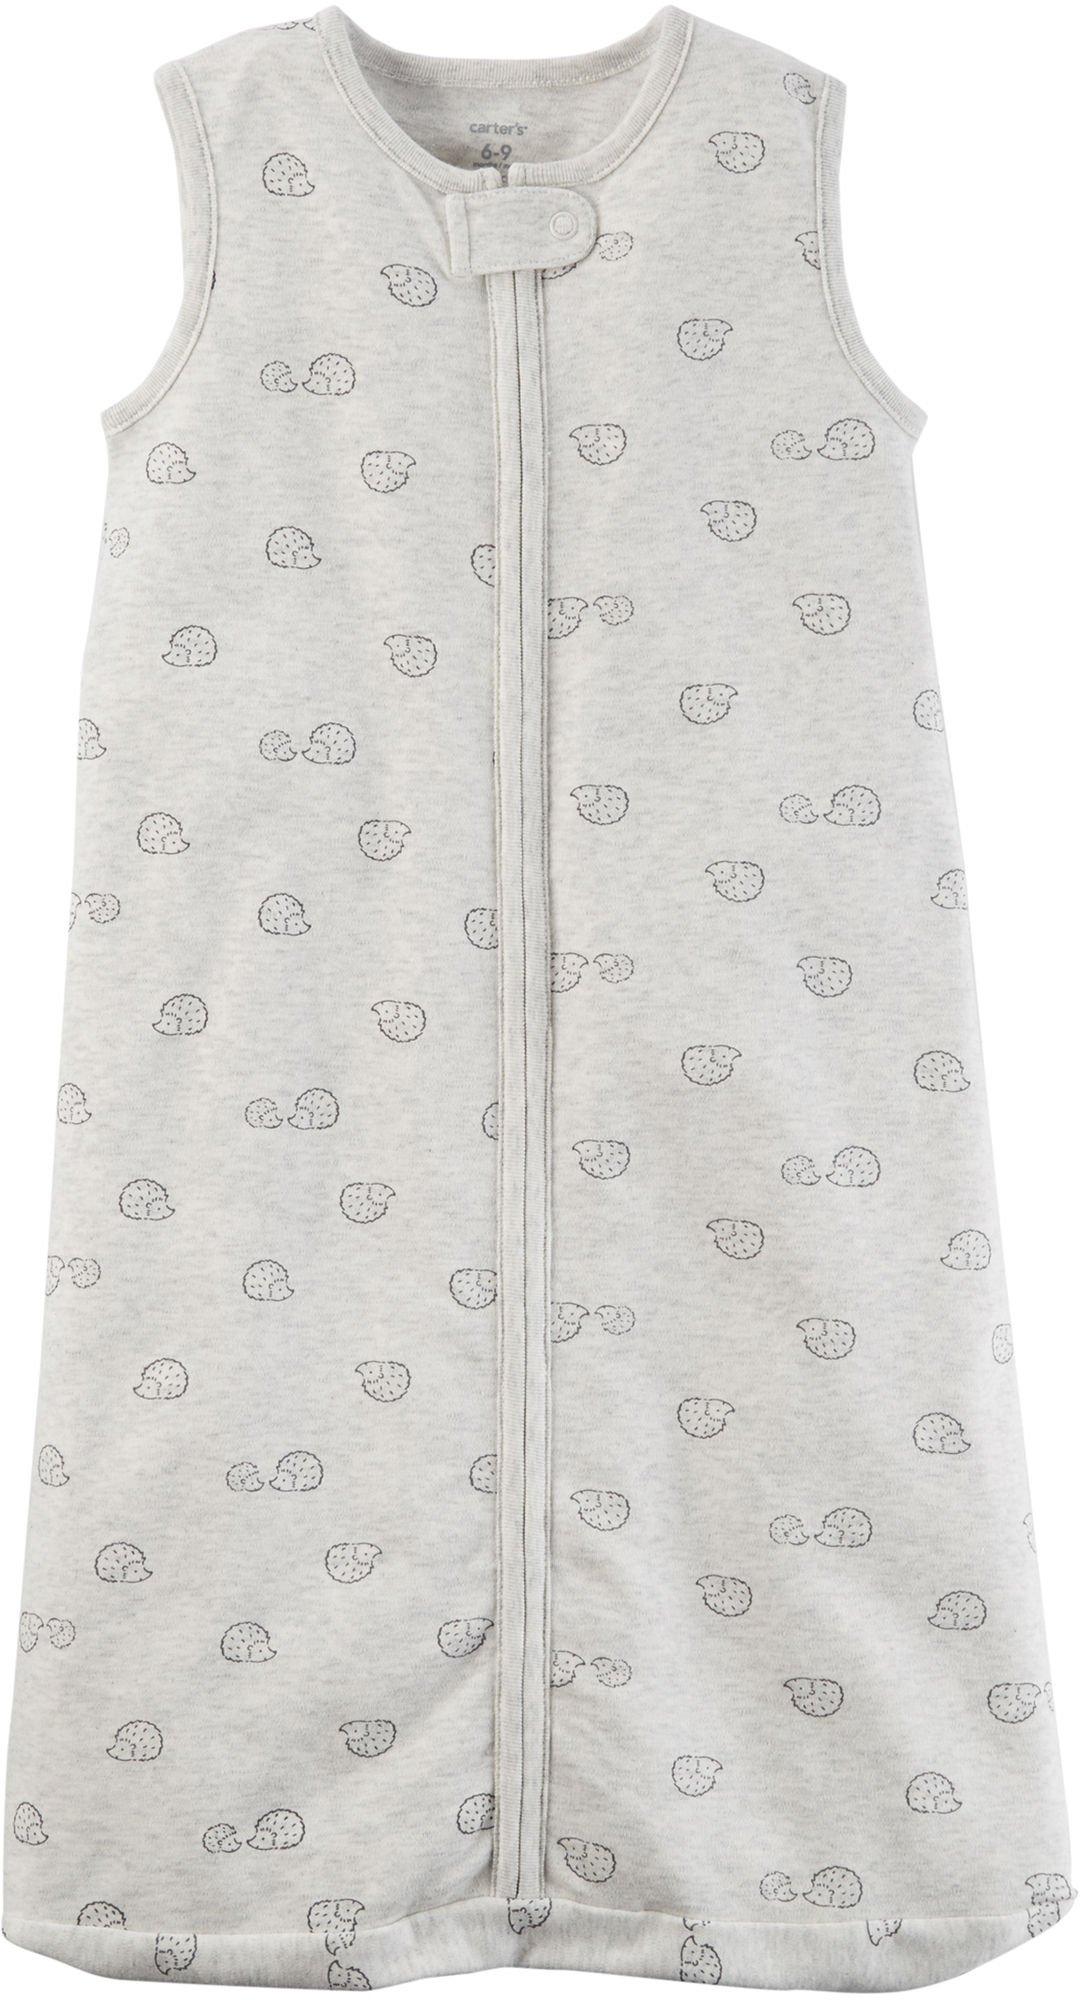 Carter's Baby Hedgehog Cotton Sleep Bag, Gray, Small